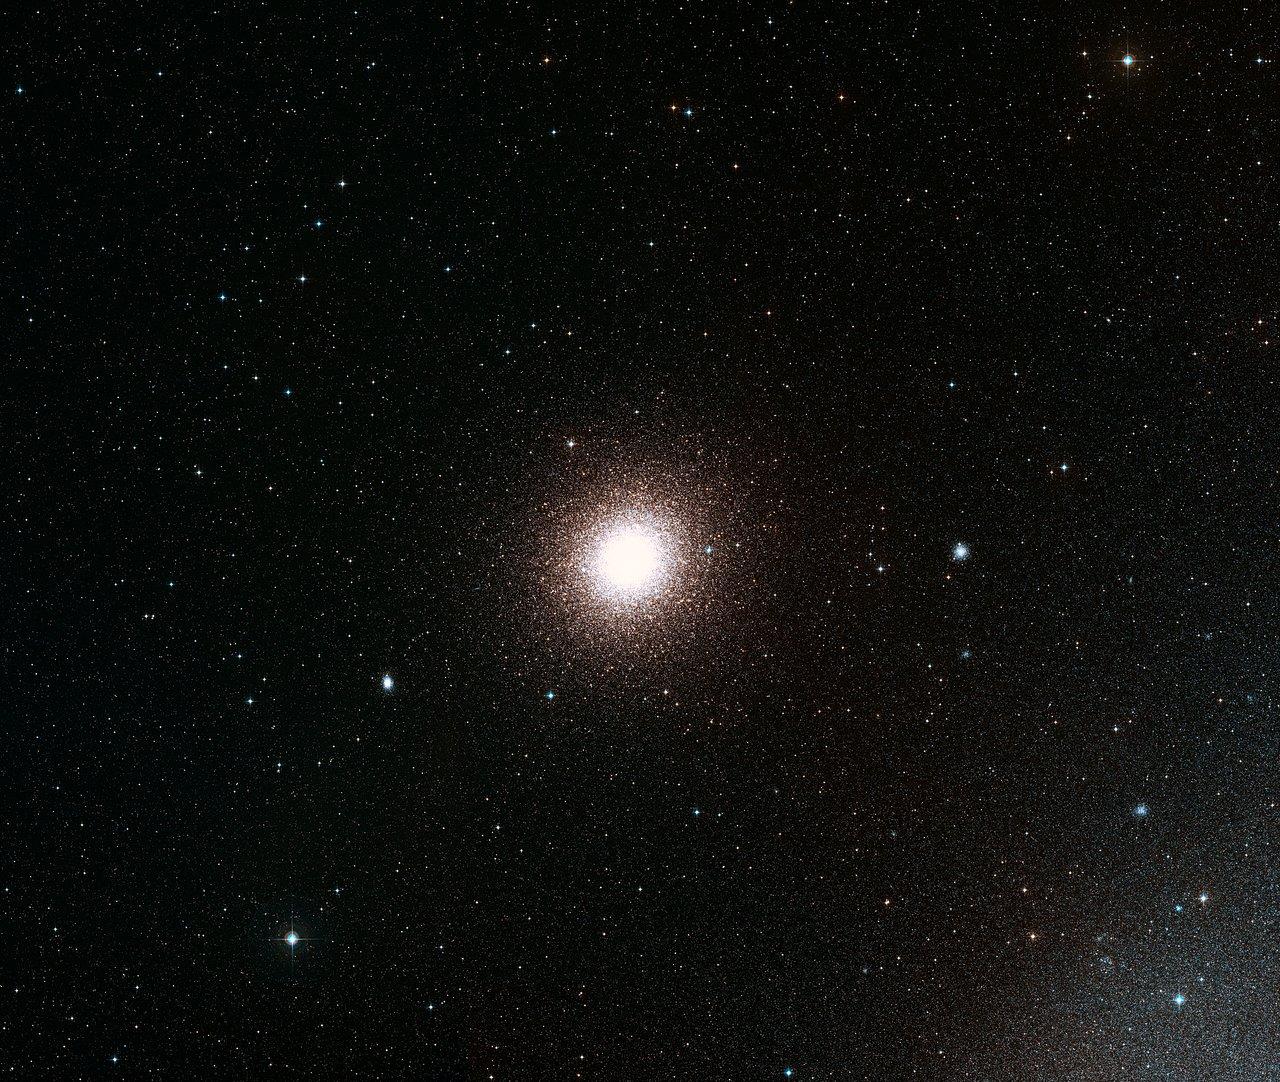 Широкоугольный снимок области неба вокруг шарового скопления 47 Тукана